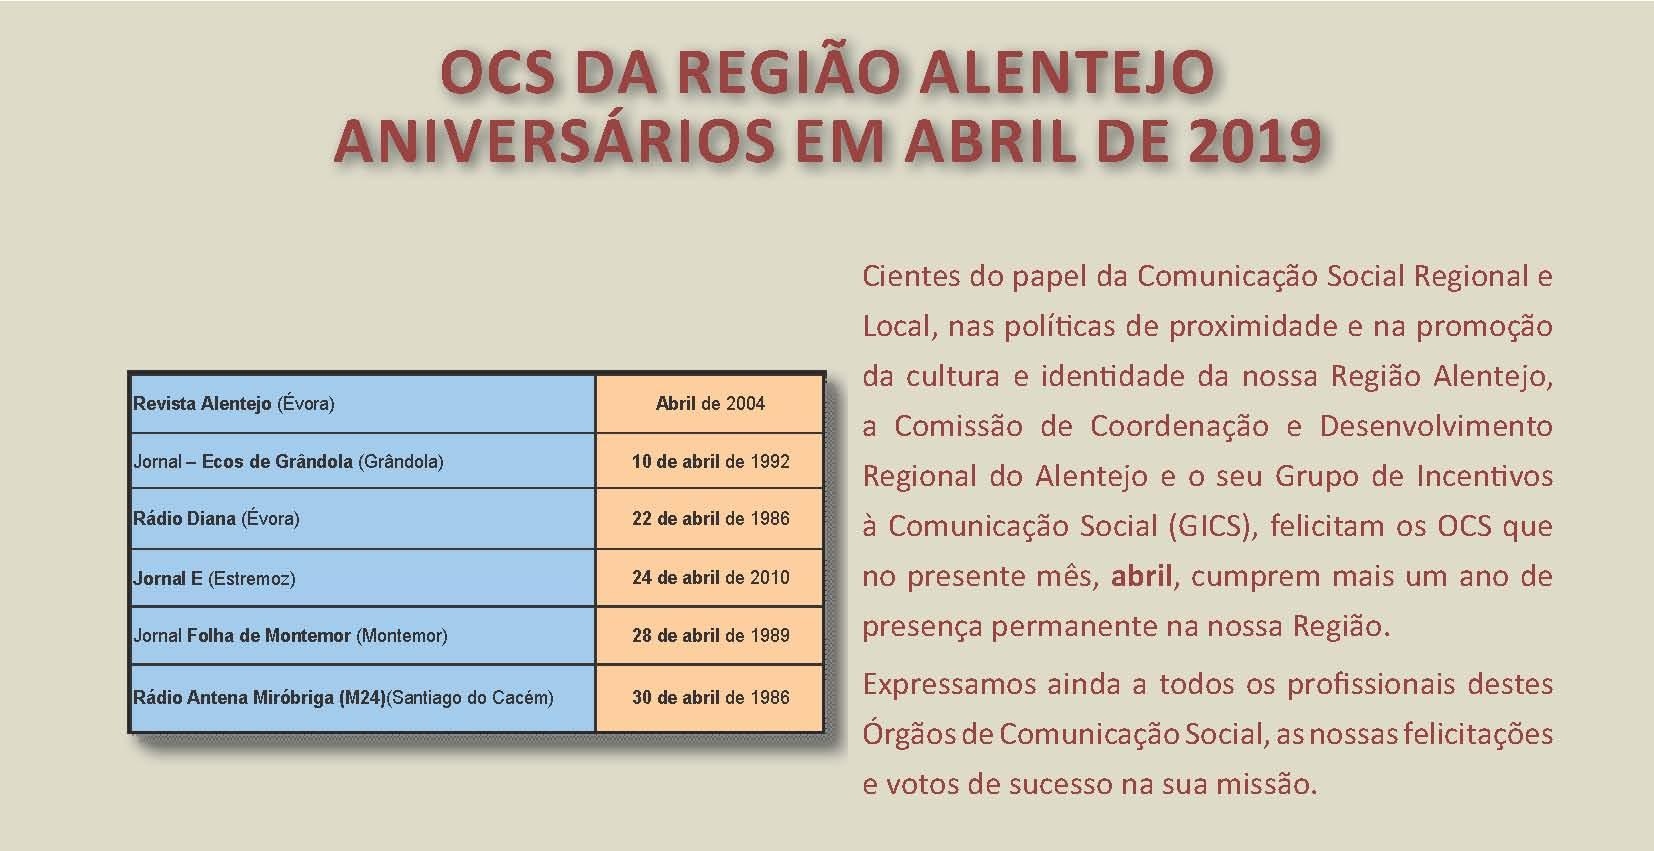 Aniversário em abril 2019 OCS da Região Alentejo